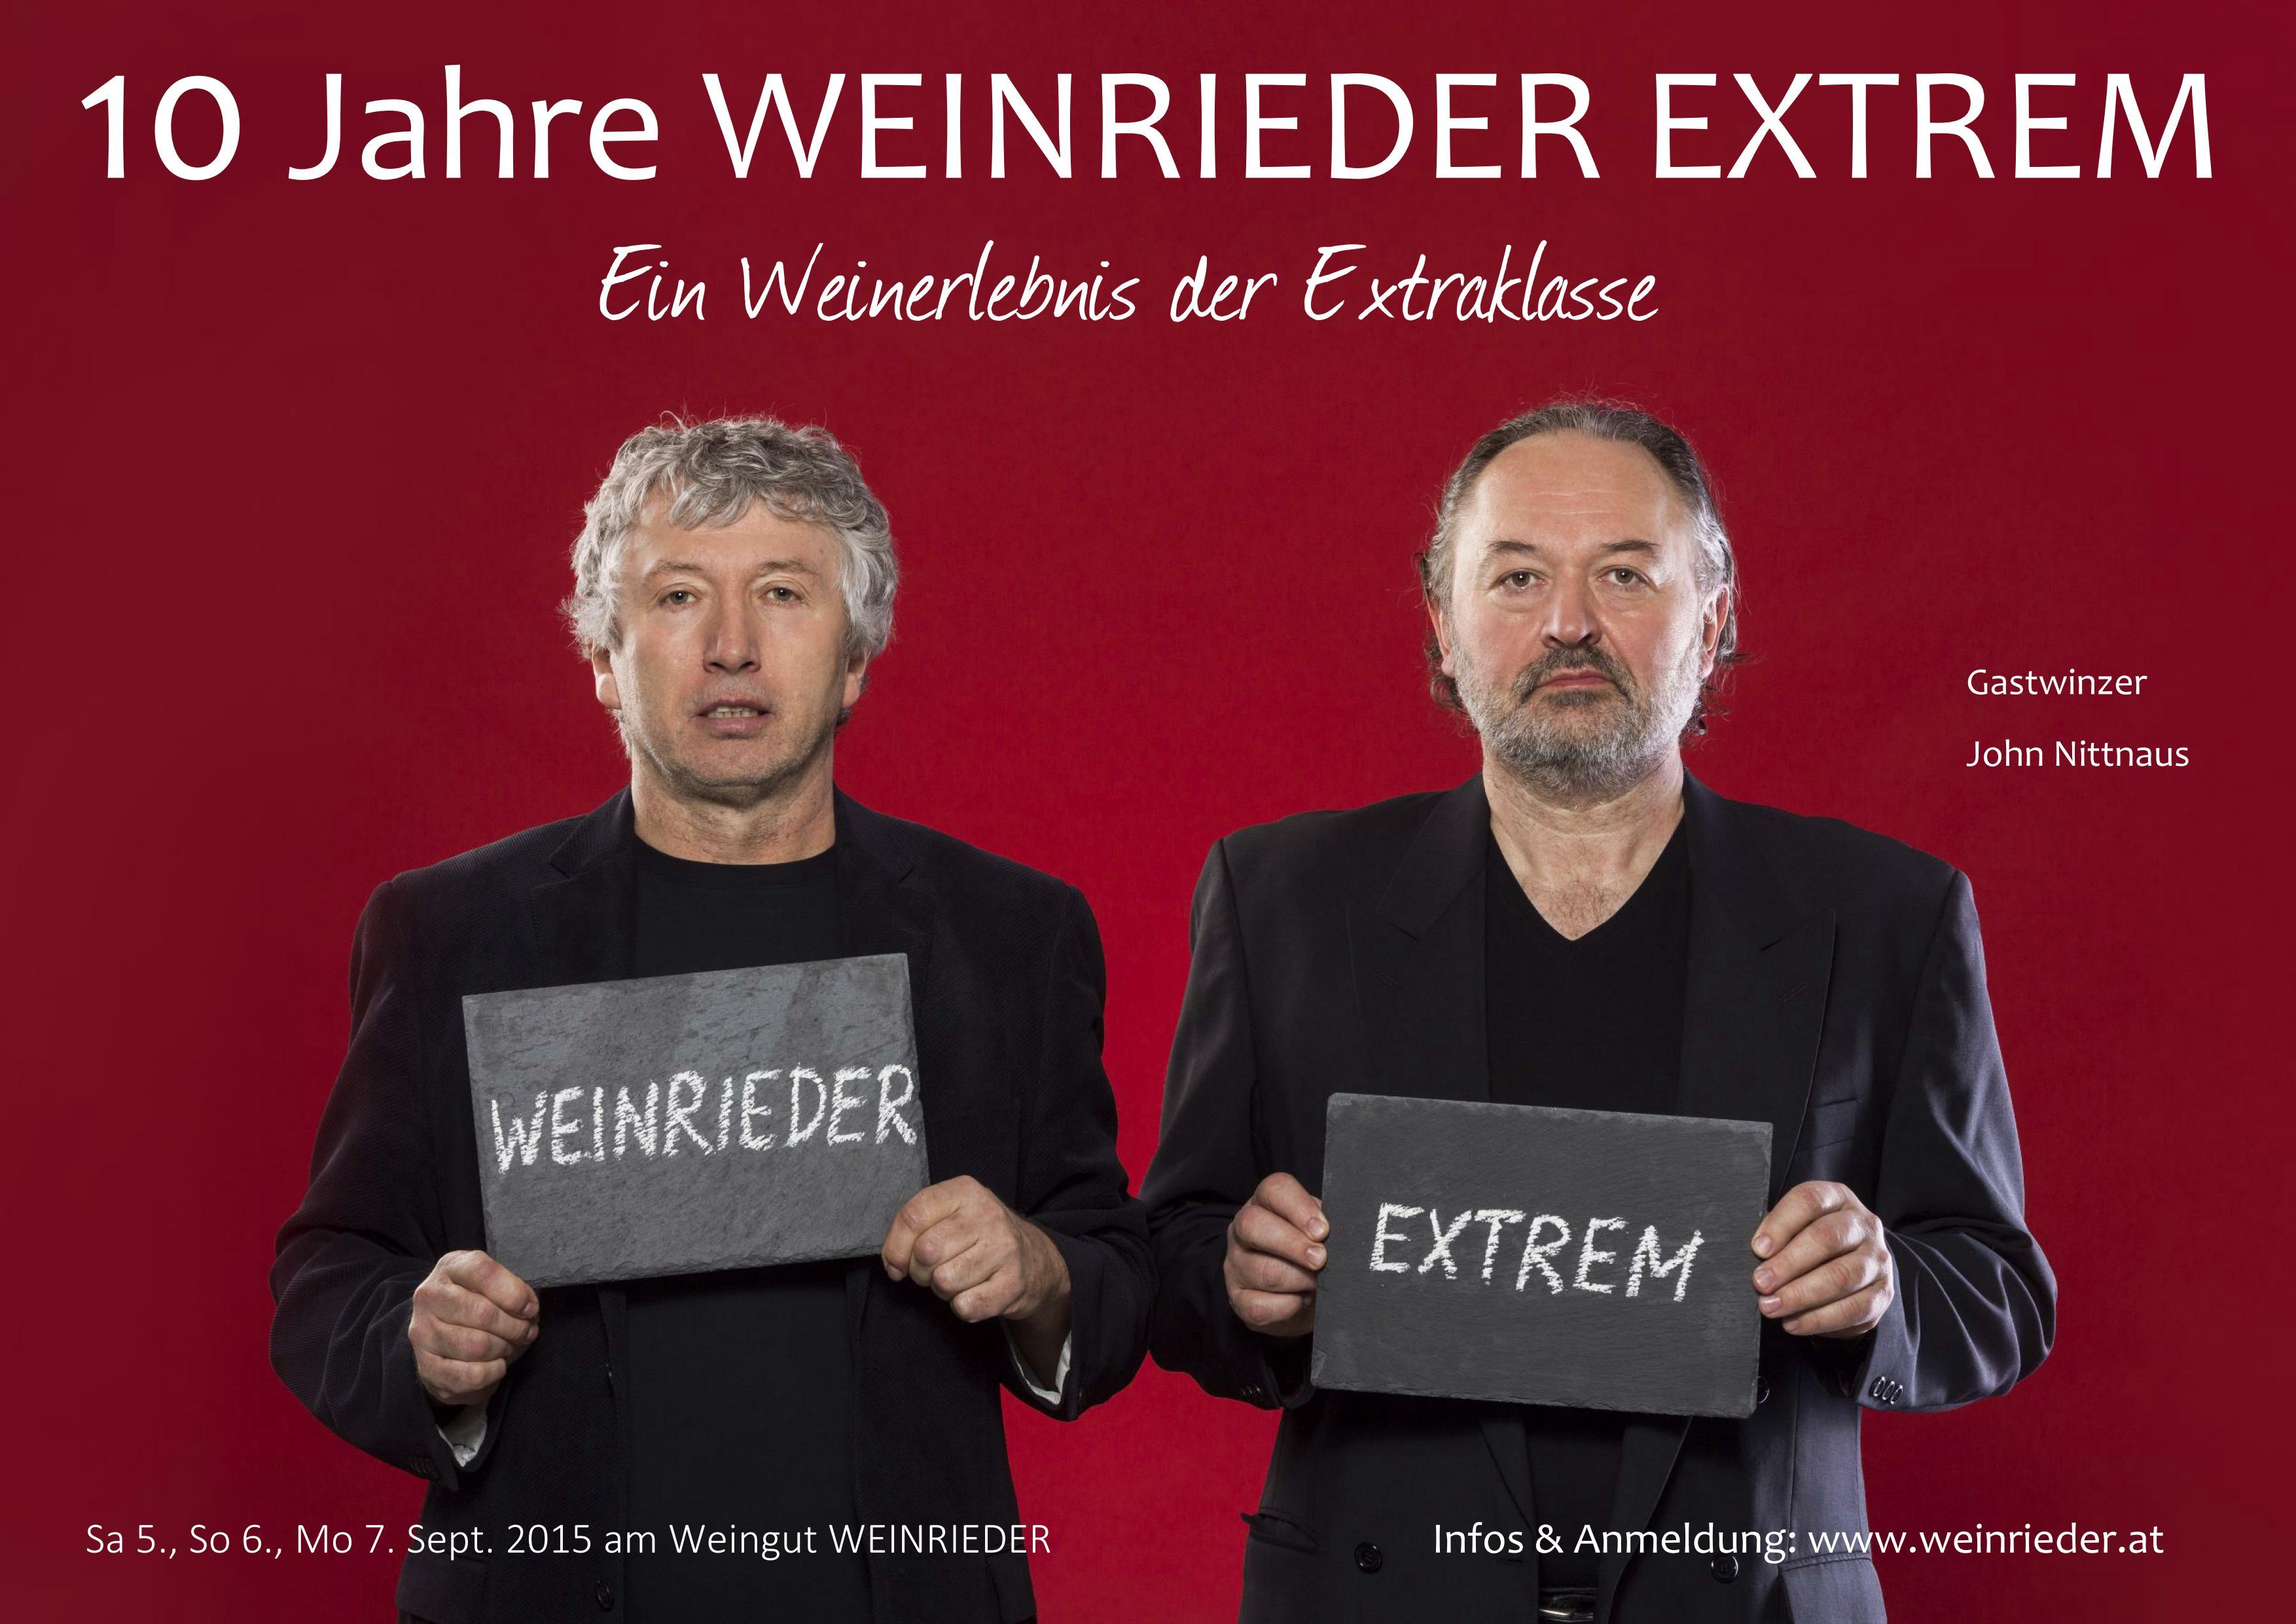 weinrieder_extrem_einladung_01